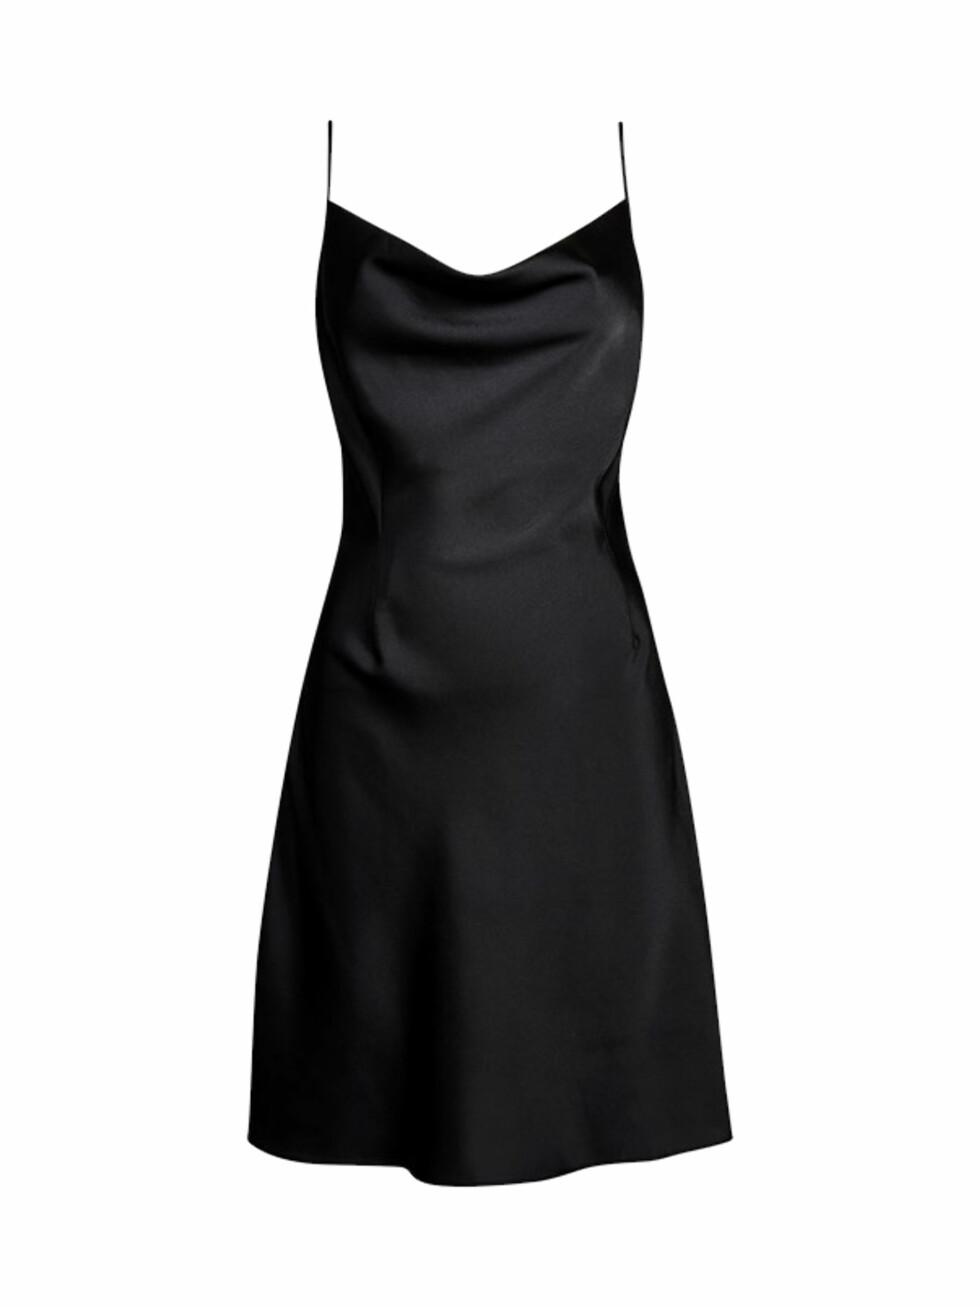 Kjole fra Bik Bok |299,-| https://bikbok.com/no/p/kjoler/scarlett-kjole/7212997_F990